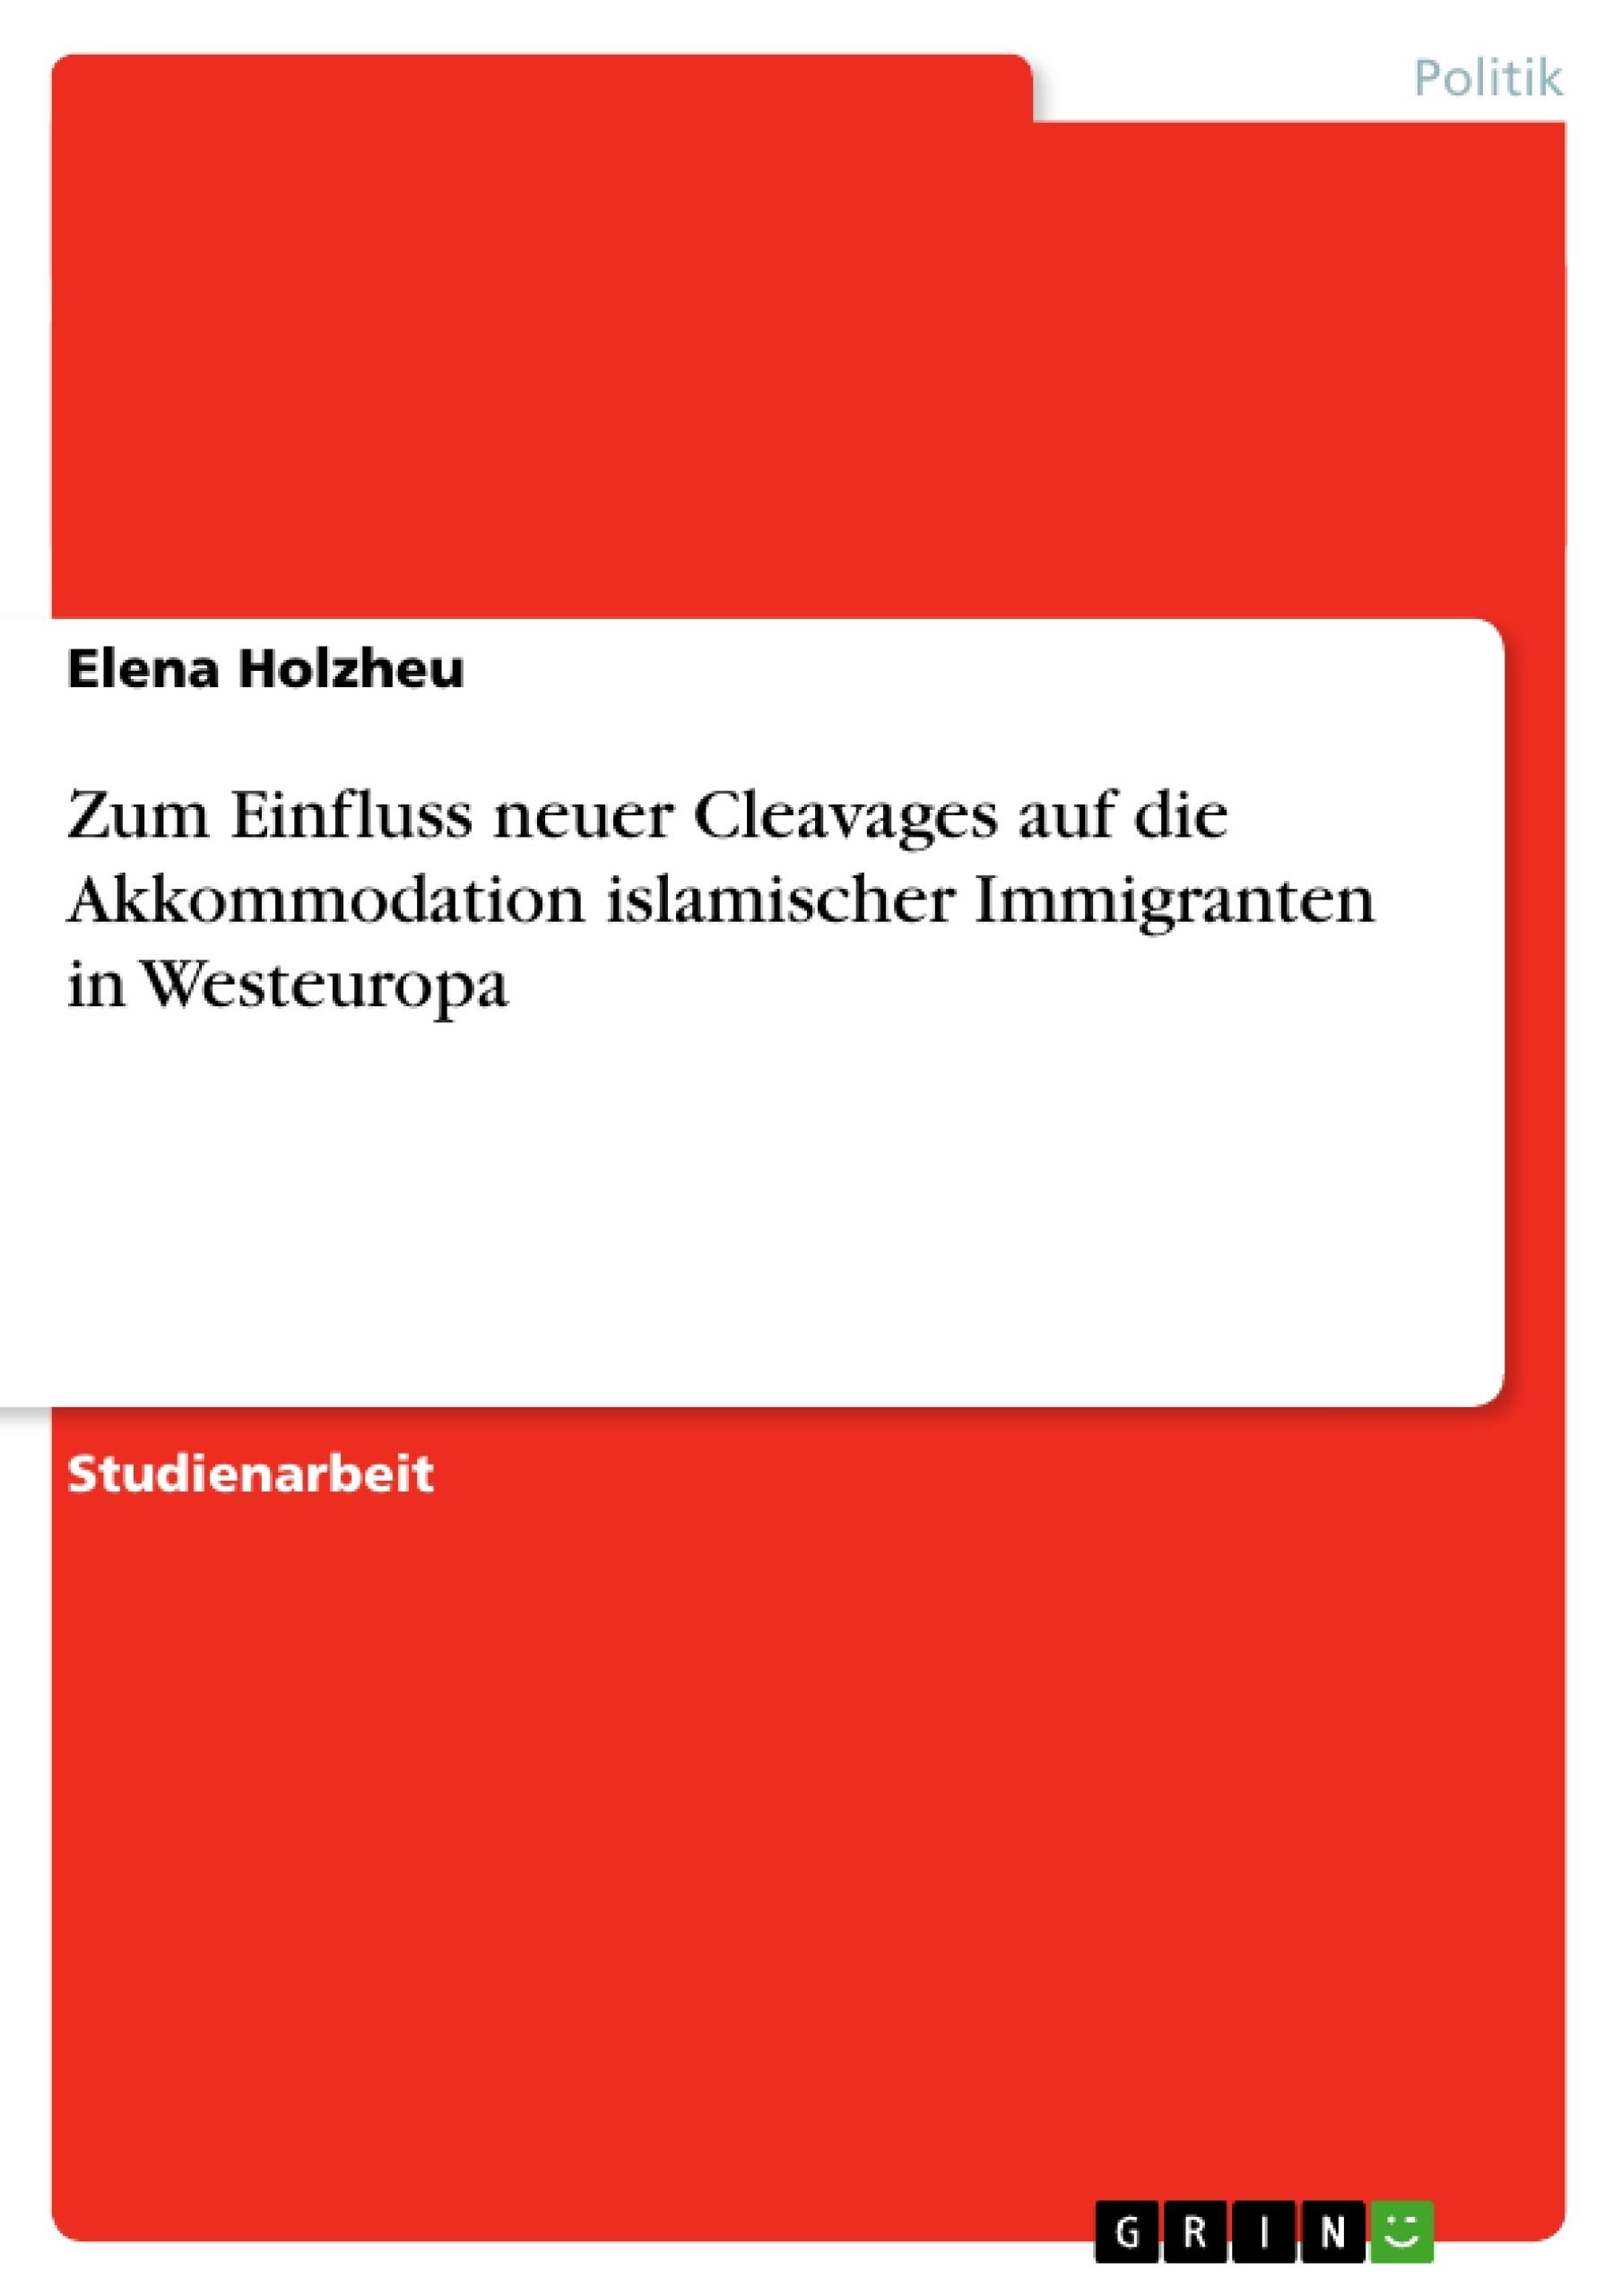 Titel: Zum Einfluss neuer Cleavages auf die Akkommodation islamischer Immigranten in Westeuropa